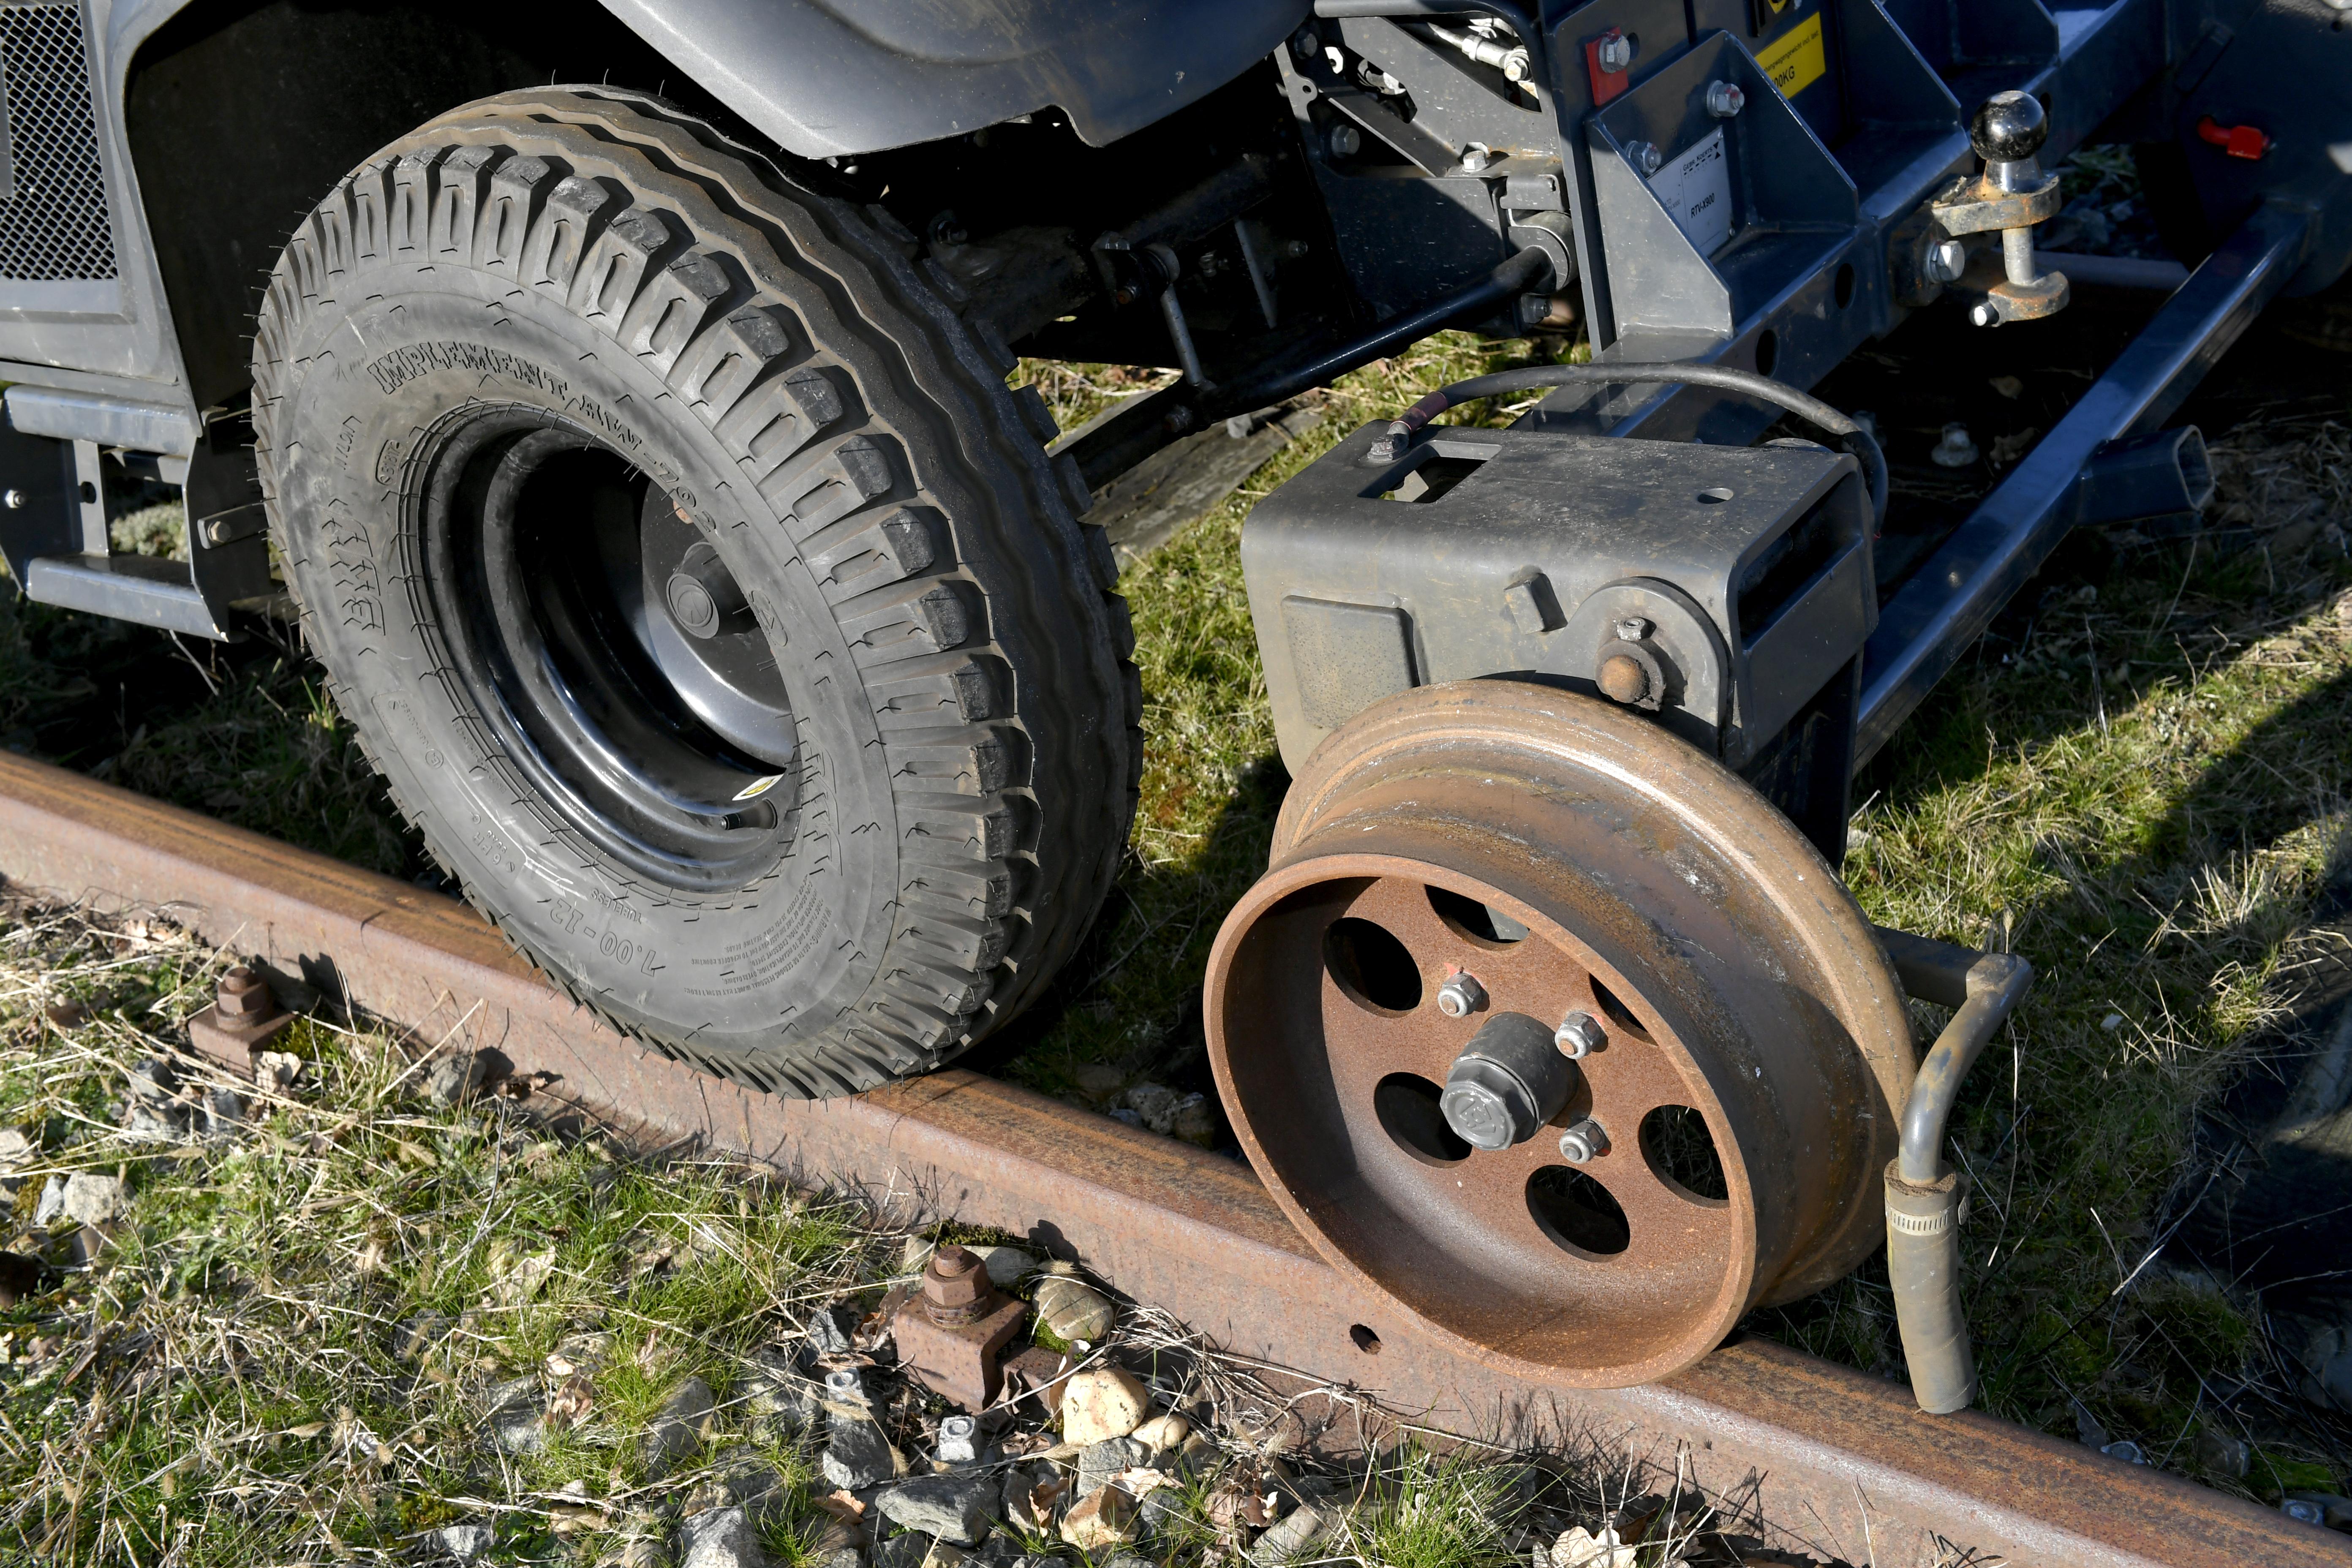 <p>Bij een laagloper blijven de banden op het spoor wat in vergelijking met een hoogloper een enorme verbetering betekent wat betreft comfort en geluid. </p>